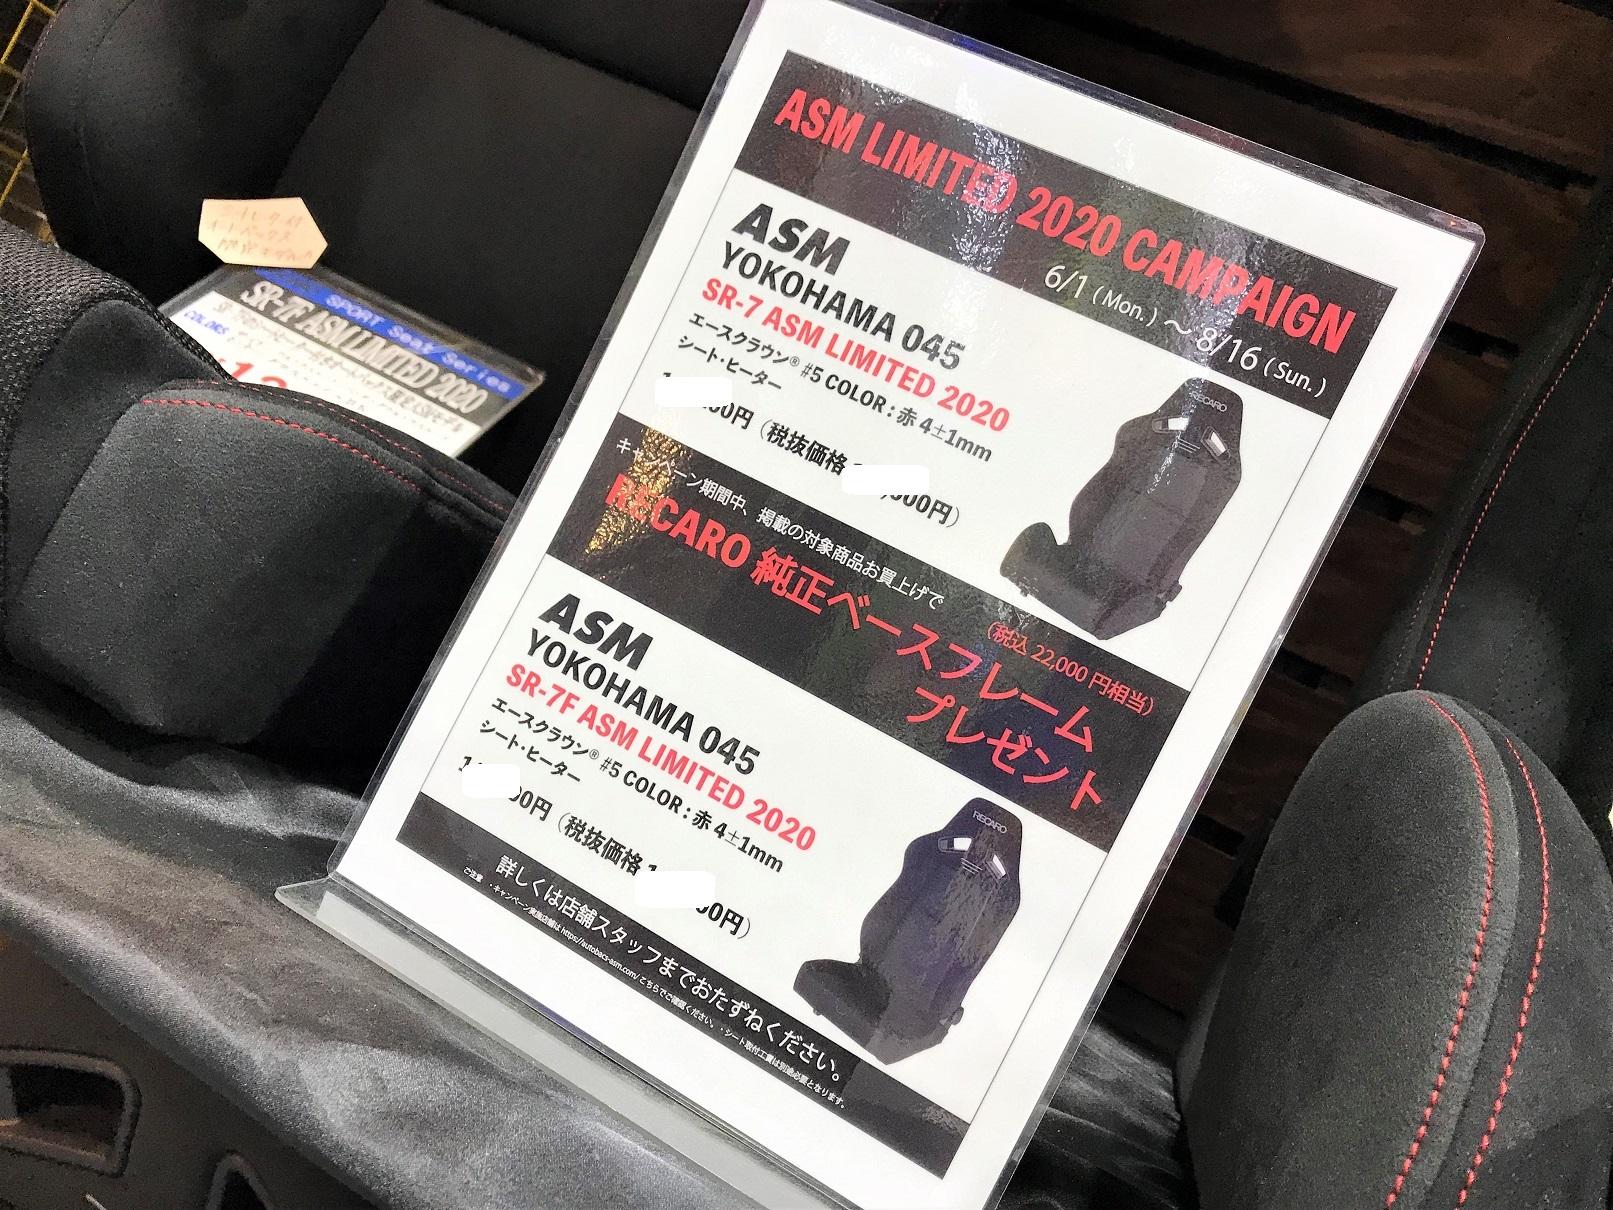 【イベント情報】 RECARO ASM LIMITED2020 キャンペーン!!